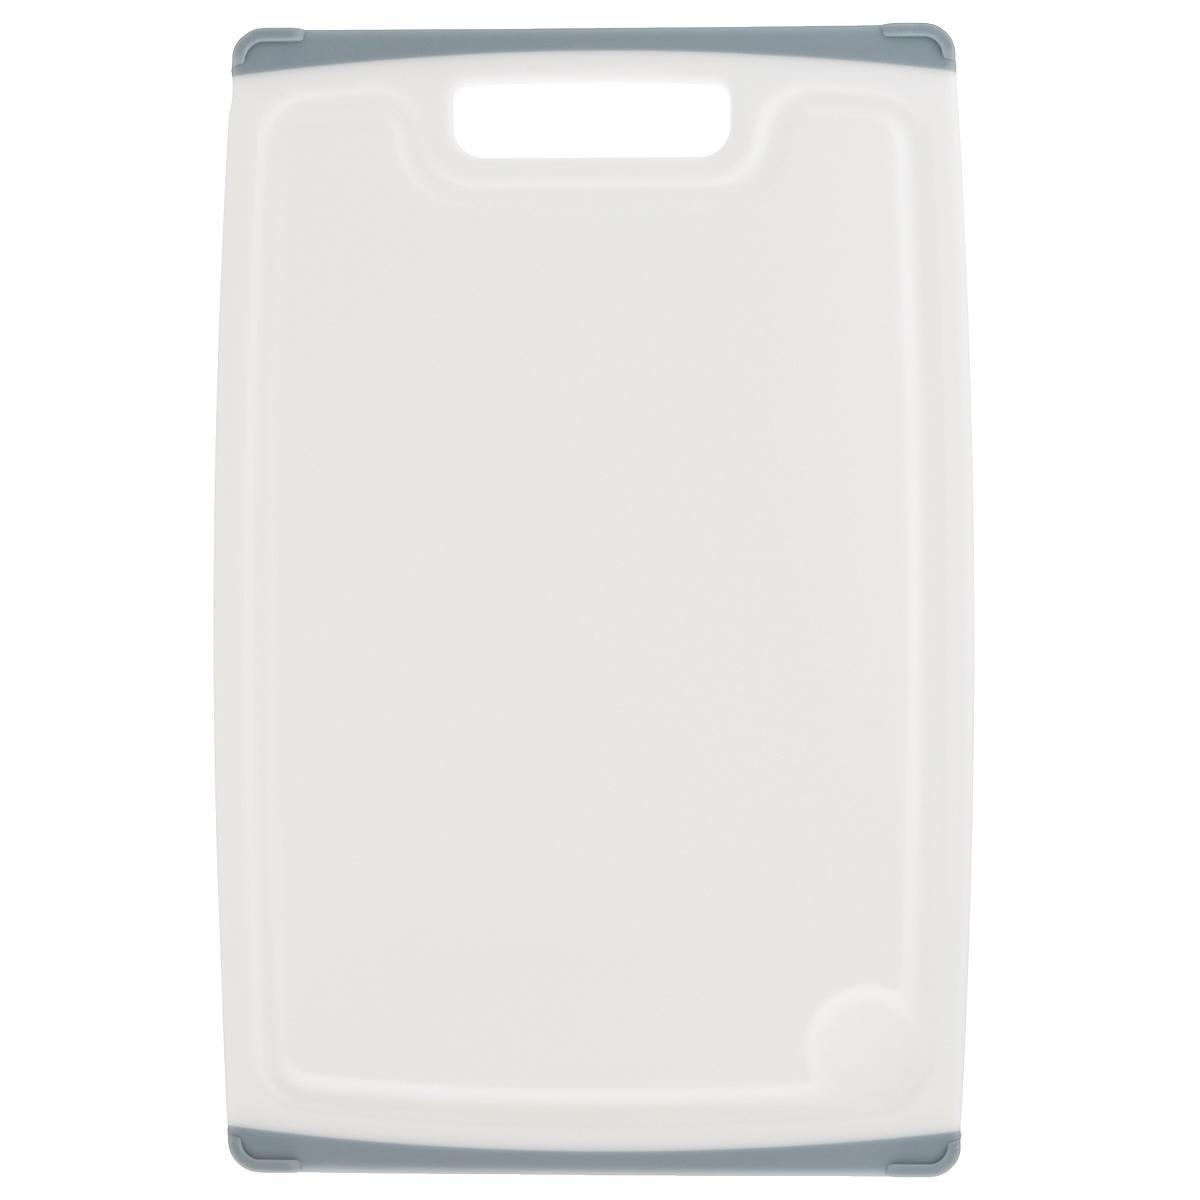 Доска разделочная Tescoma Cosmo, цвет: серый, 36 х 24 см379214Разделочная доска Tescoma Cosmo, изготовленная из высококачественного прочного пластика, станет незаменимым атрибутом приготовления пищи. Она идеально подходит для разделки мяса, рыбы, приготовления теста и нарезки любых продуктов. А особый дизайн краев с желобком способствует задерживанию жидкостей и остатков продуктов. Изделие оснащено прорезиненными цветными вставками с двух сторон для предотвращения скольжения по столу. Доска предназначена для ежедневного интенсивного использования. Не затупляет лезвия. Современный стильный дизайн и функциональность разделочной доски Tescoma Cosmo, позволит занять ей достойное место на вашей кухне. Можно мыть в посудомоечной машине.